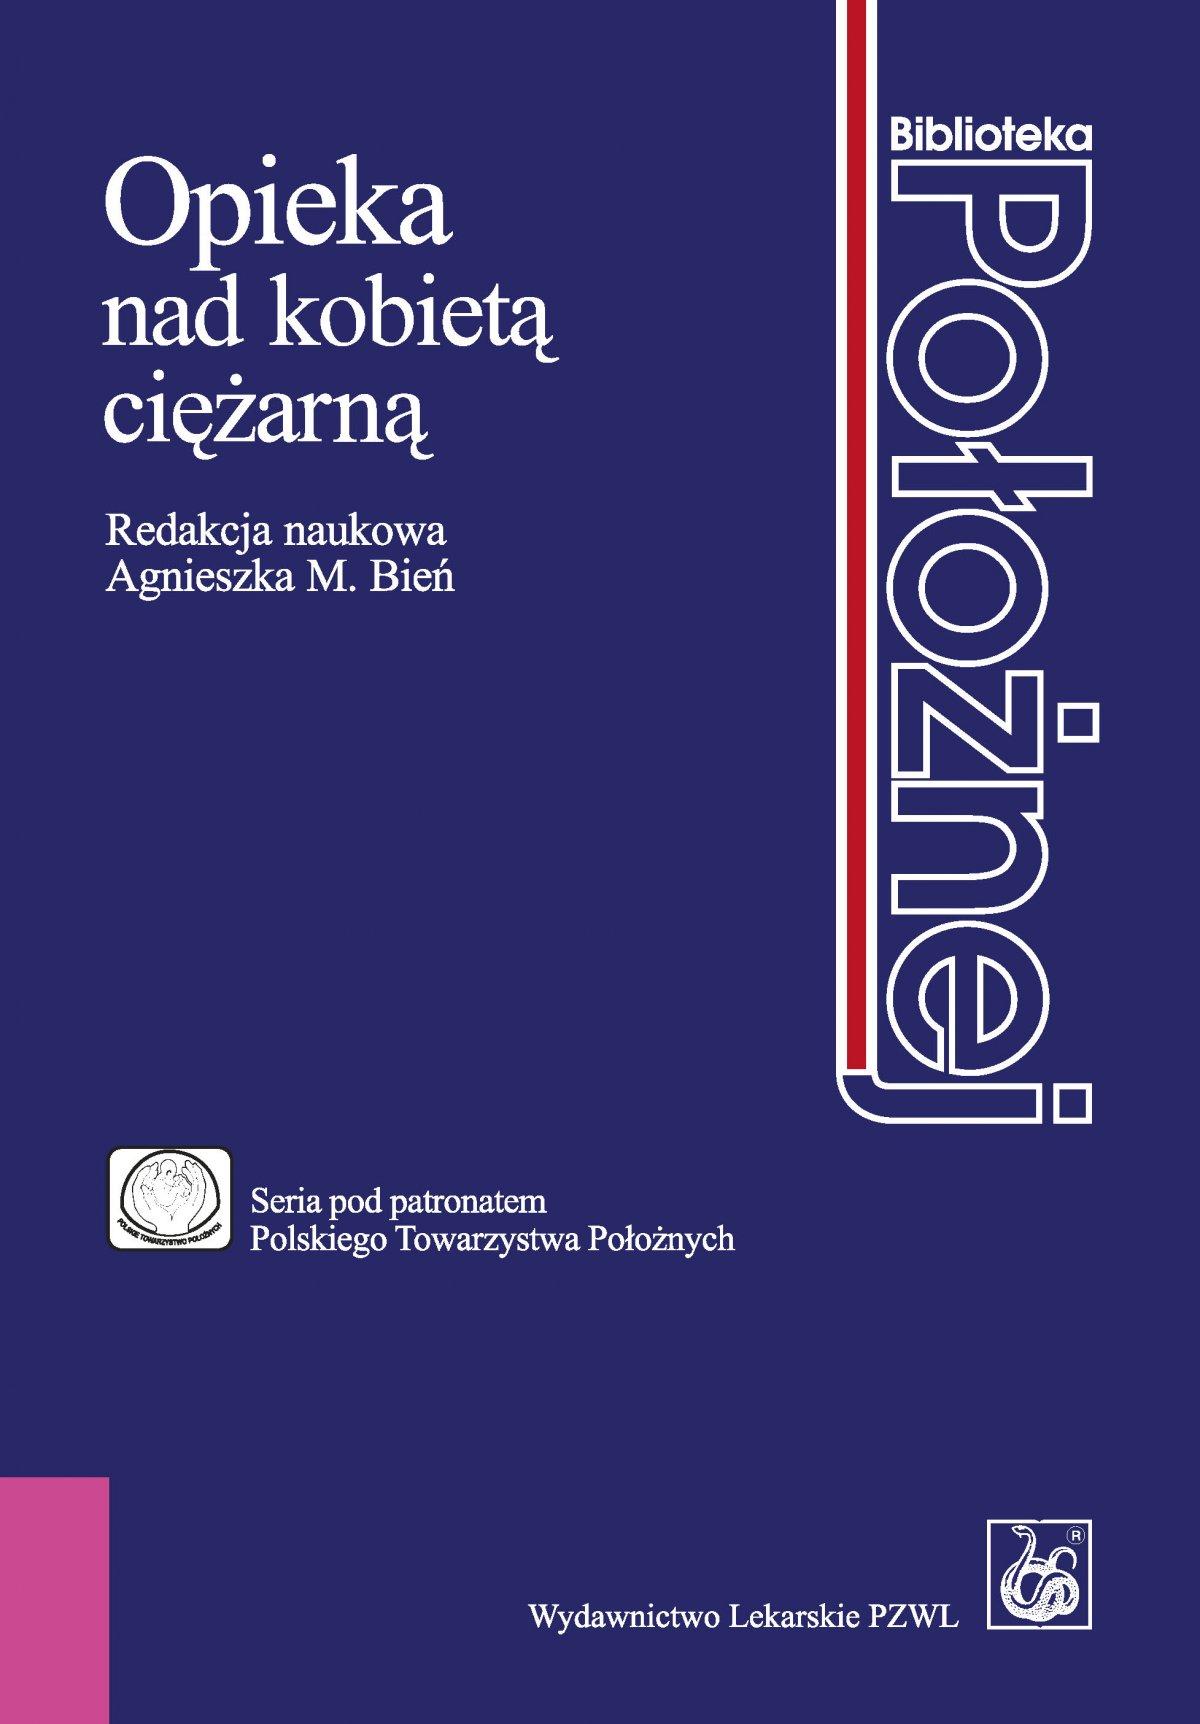 Opieka nad kobietą ciężarną… - Ebook (Książka EPUB) do pobrania w formacie EPUB